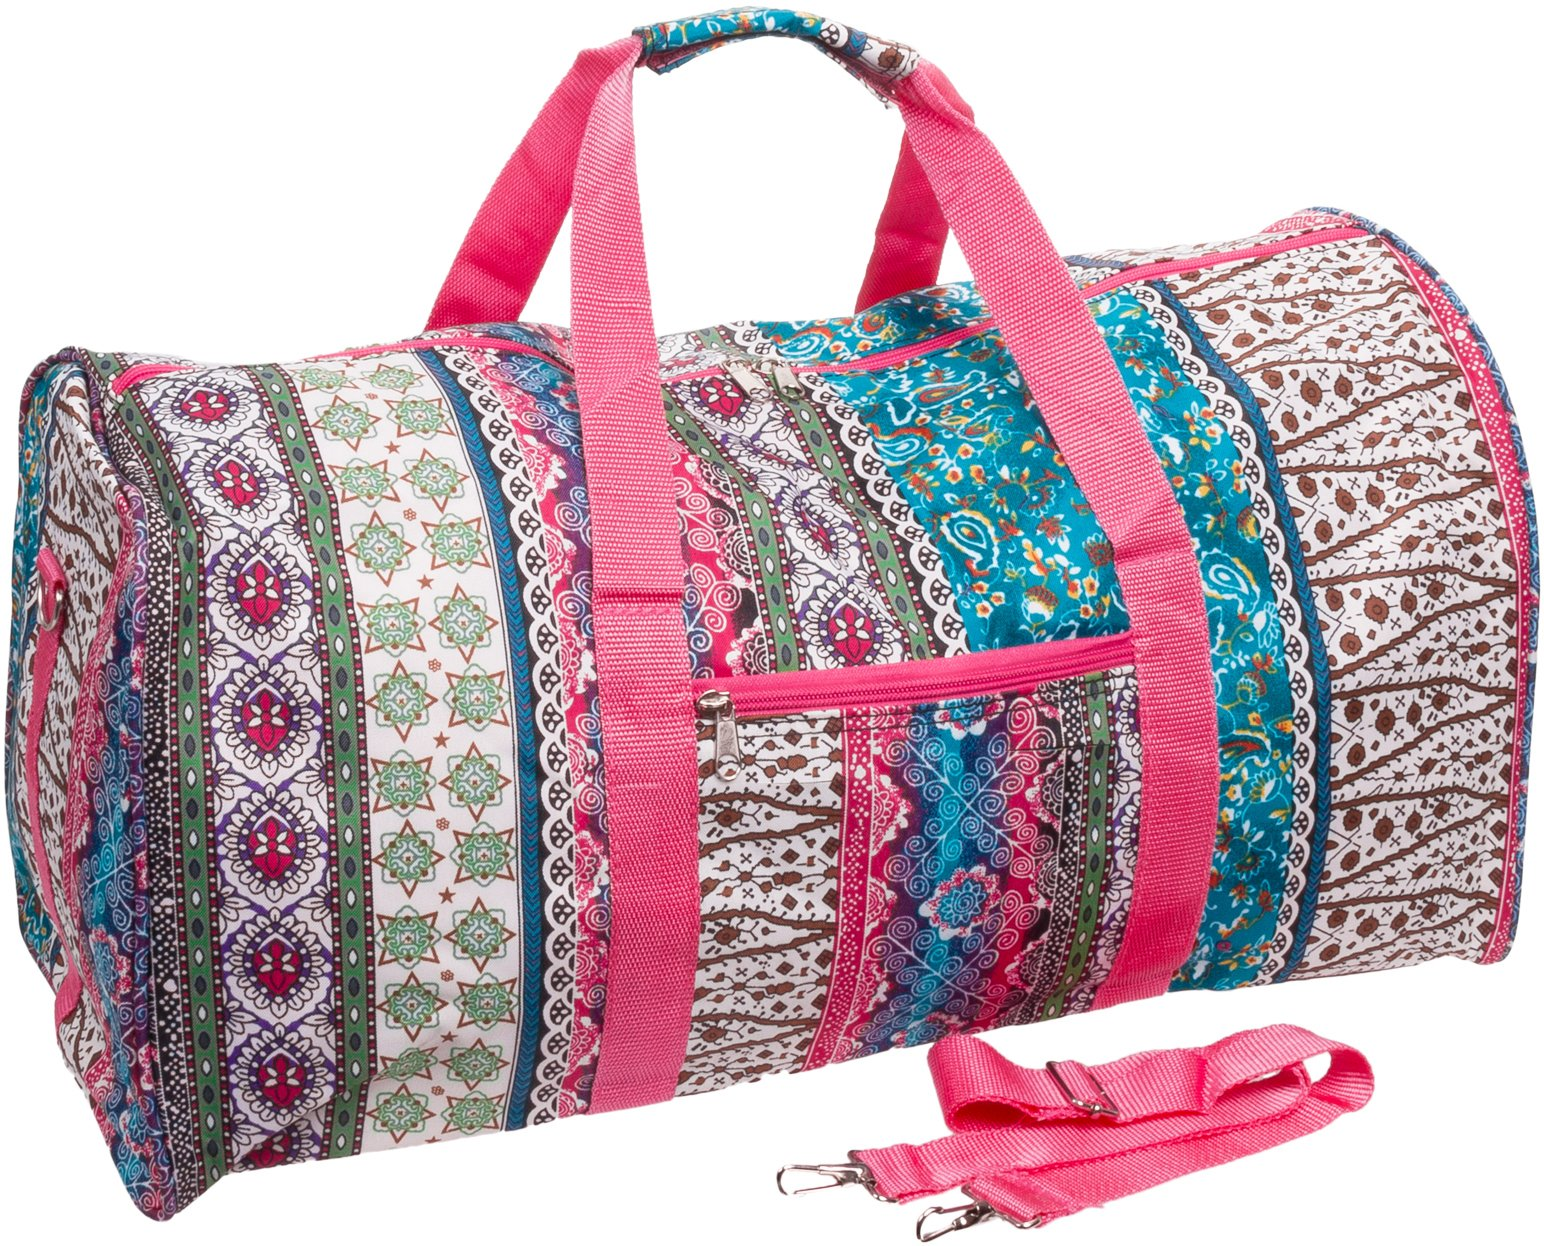 BOHO Travel Gym Cheer Duffel Bag 21''